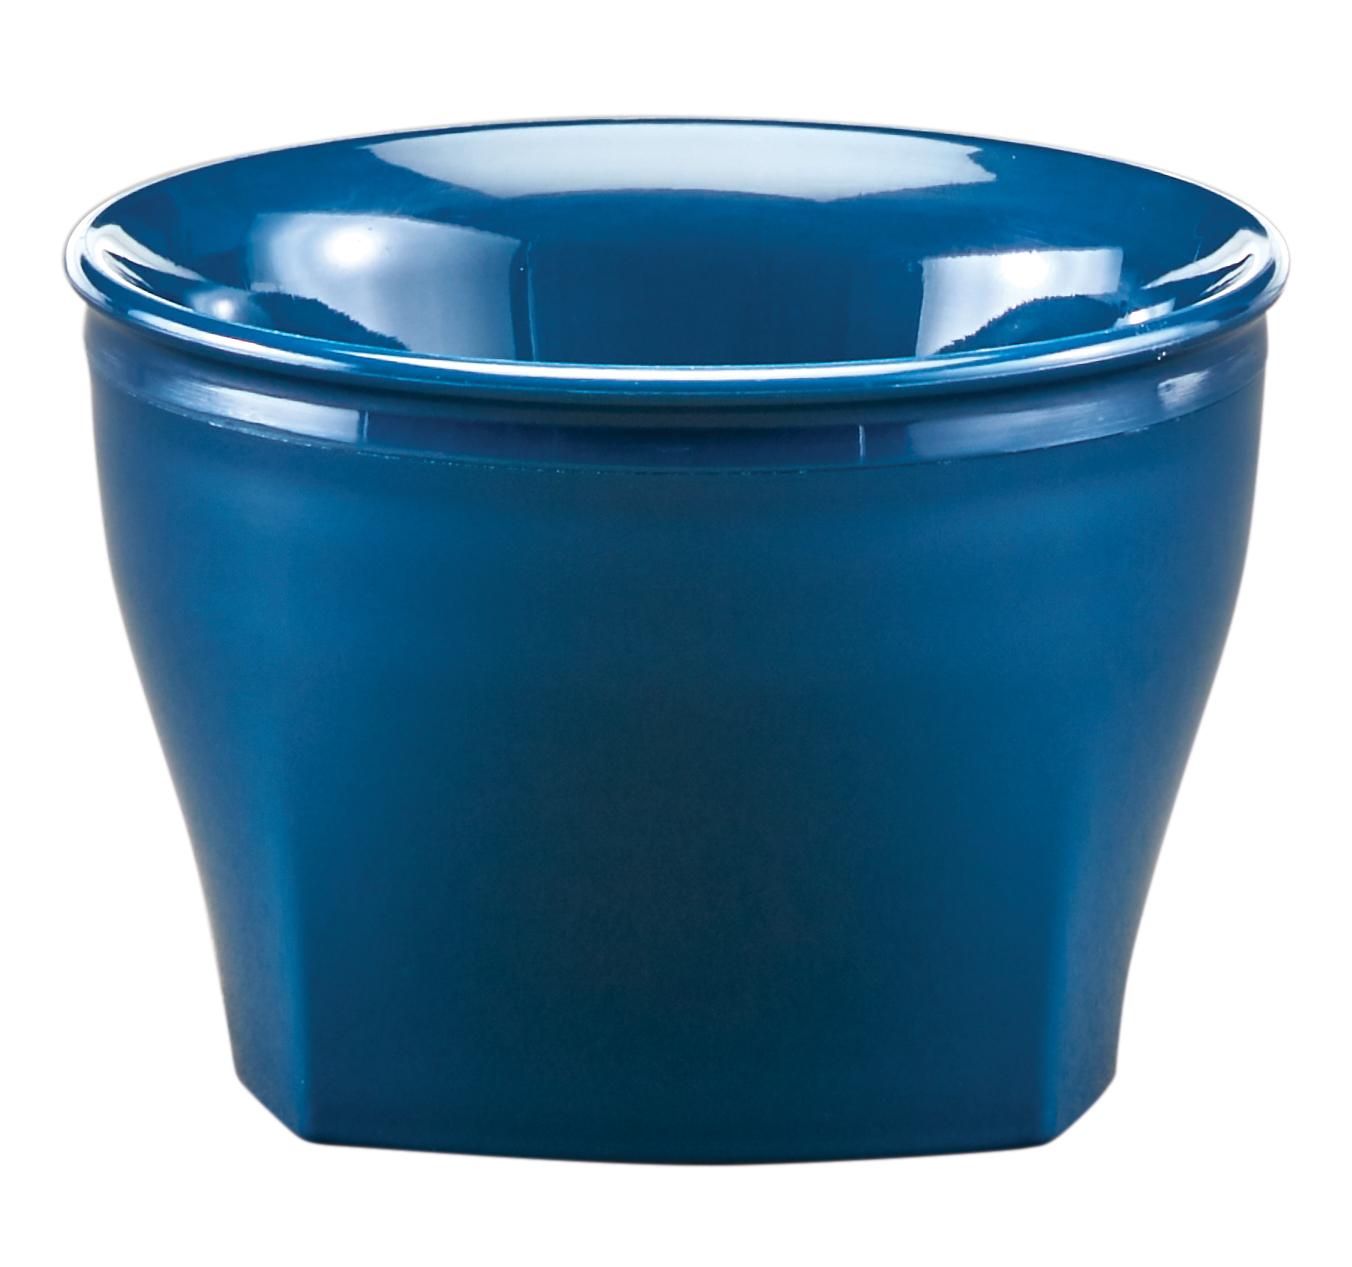 Cambro MDSHB5497 bowls (non disposable)